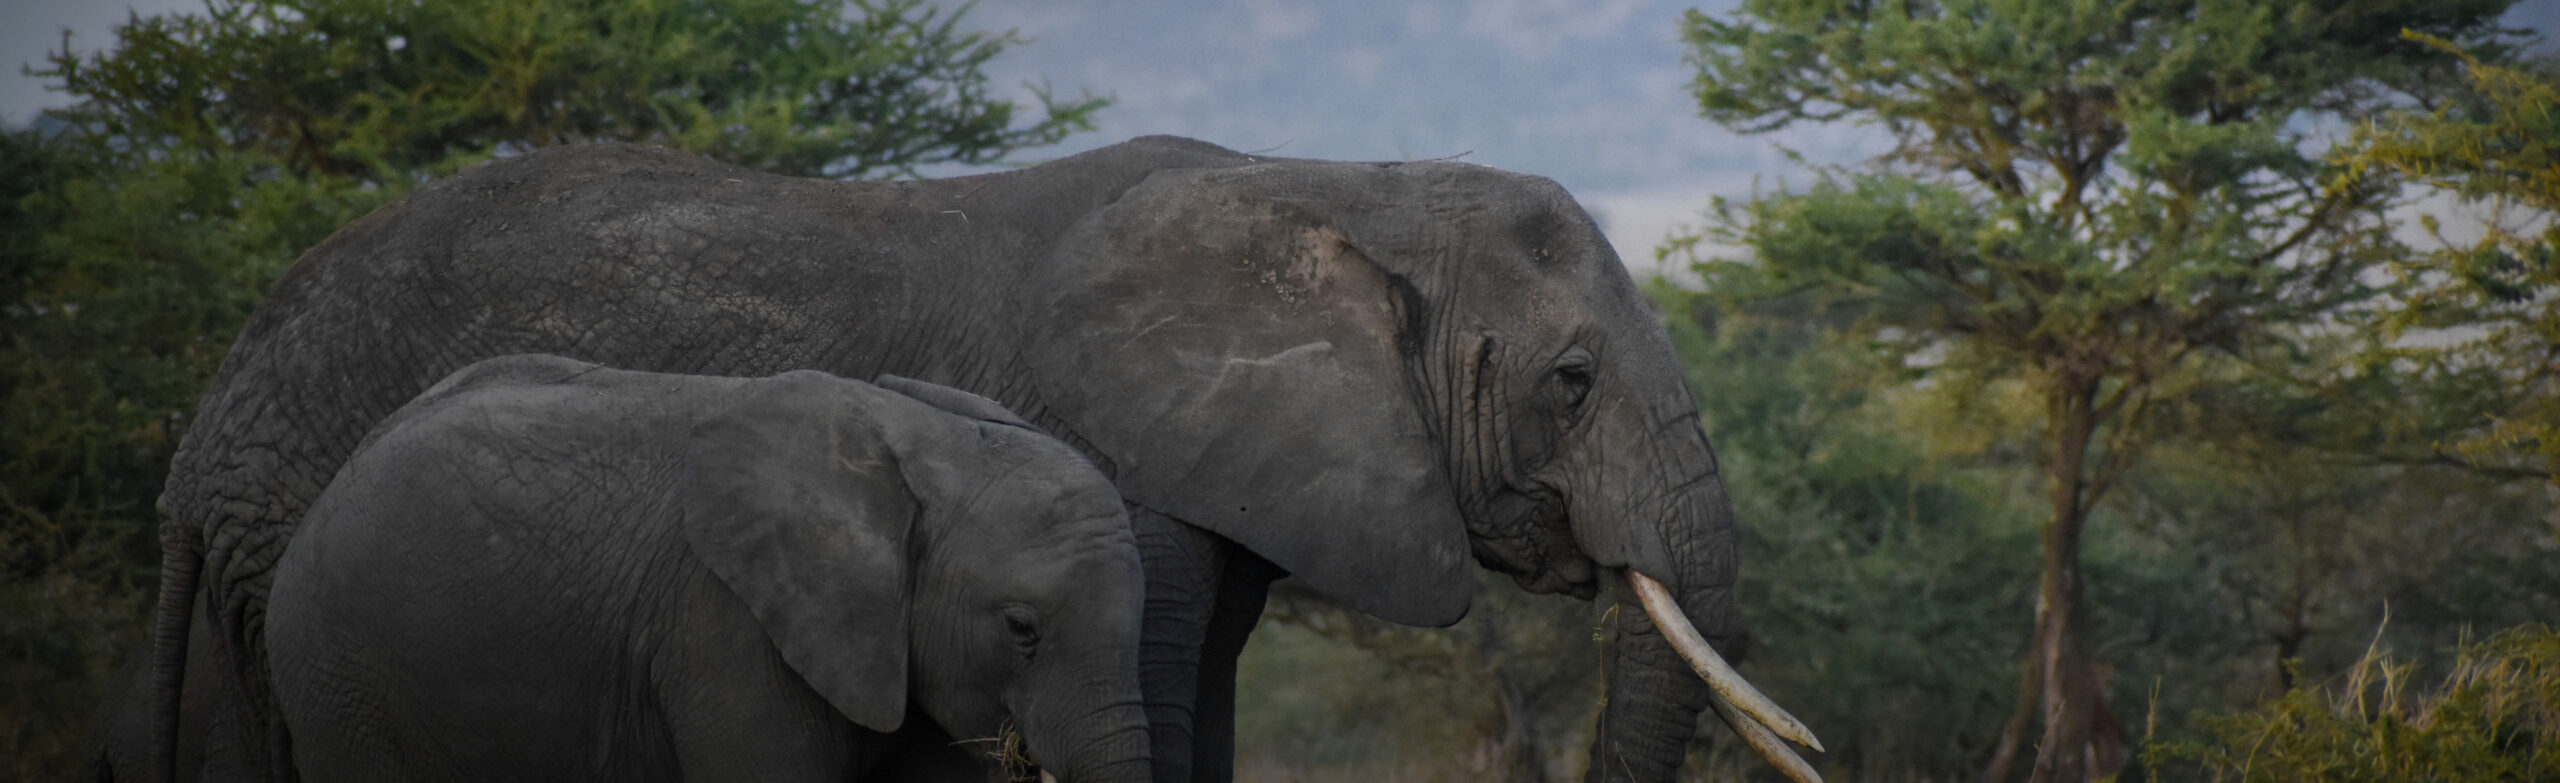 Tarangire National Park & Ngorongoro Crater